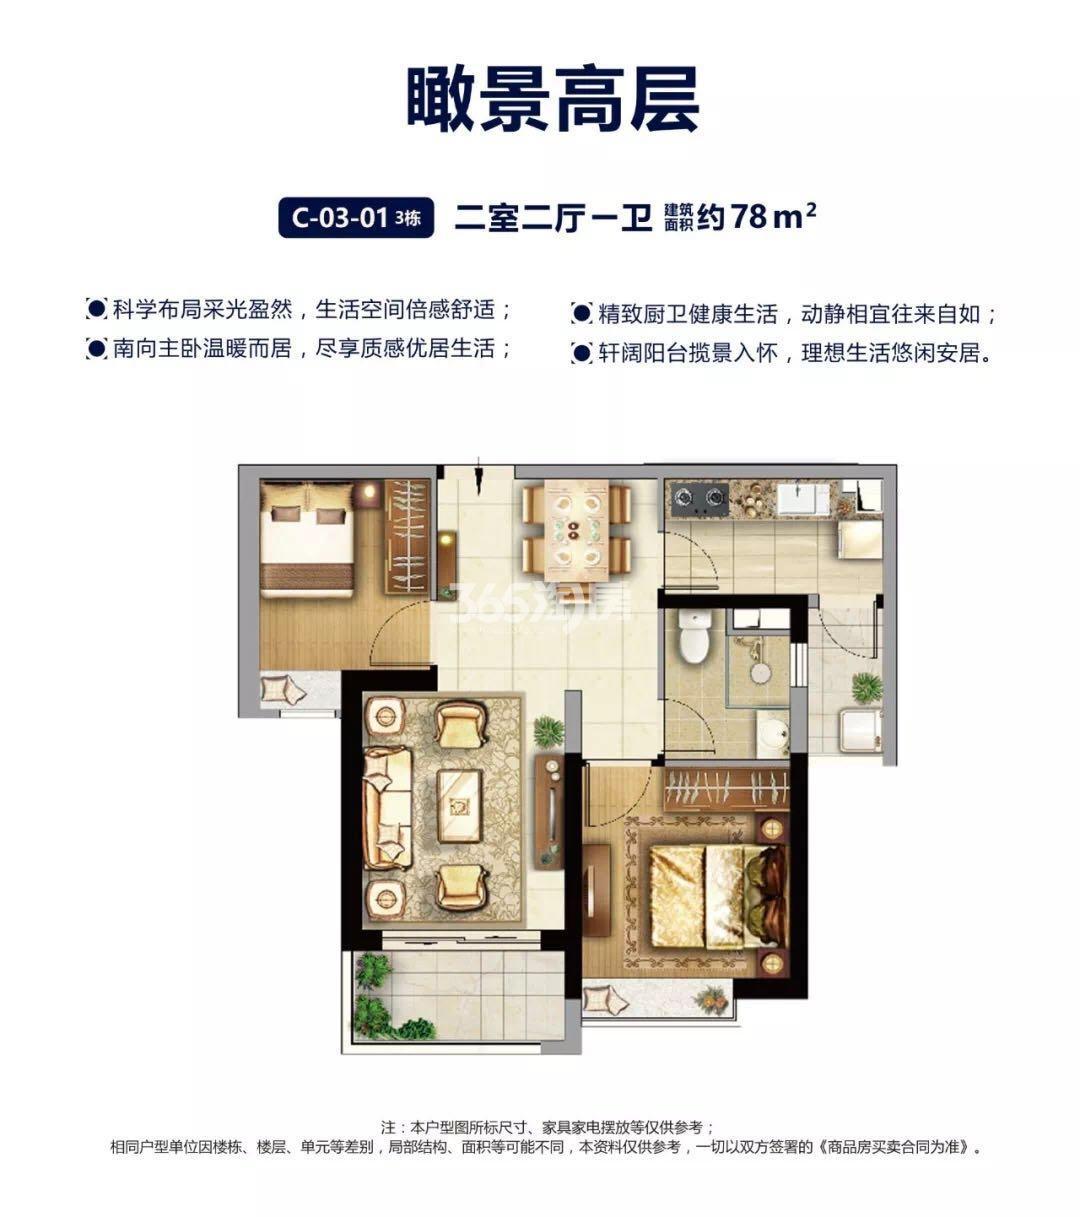 西安恒大文化旅游城78㎡二室二厅一厨一卫